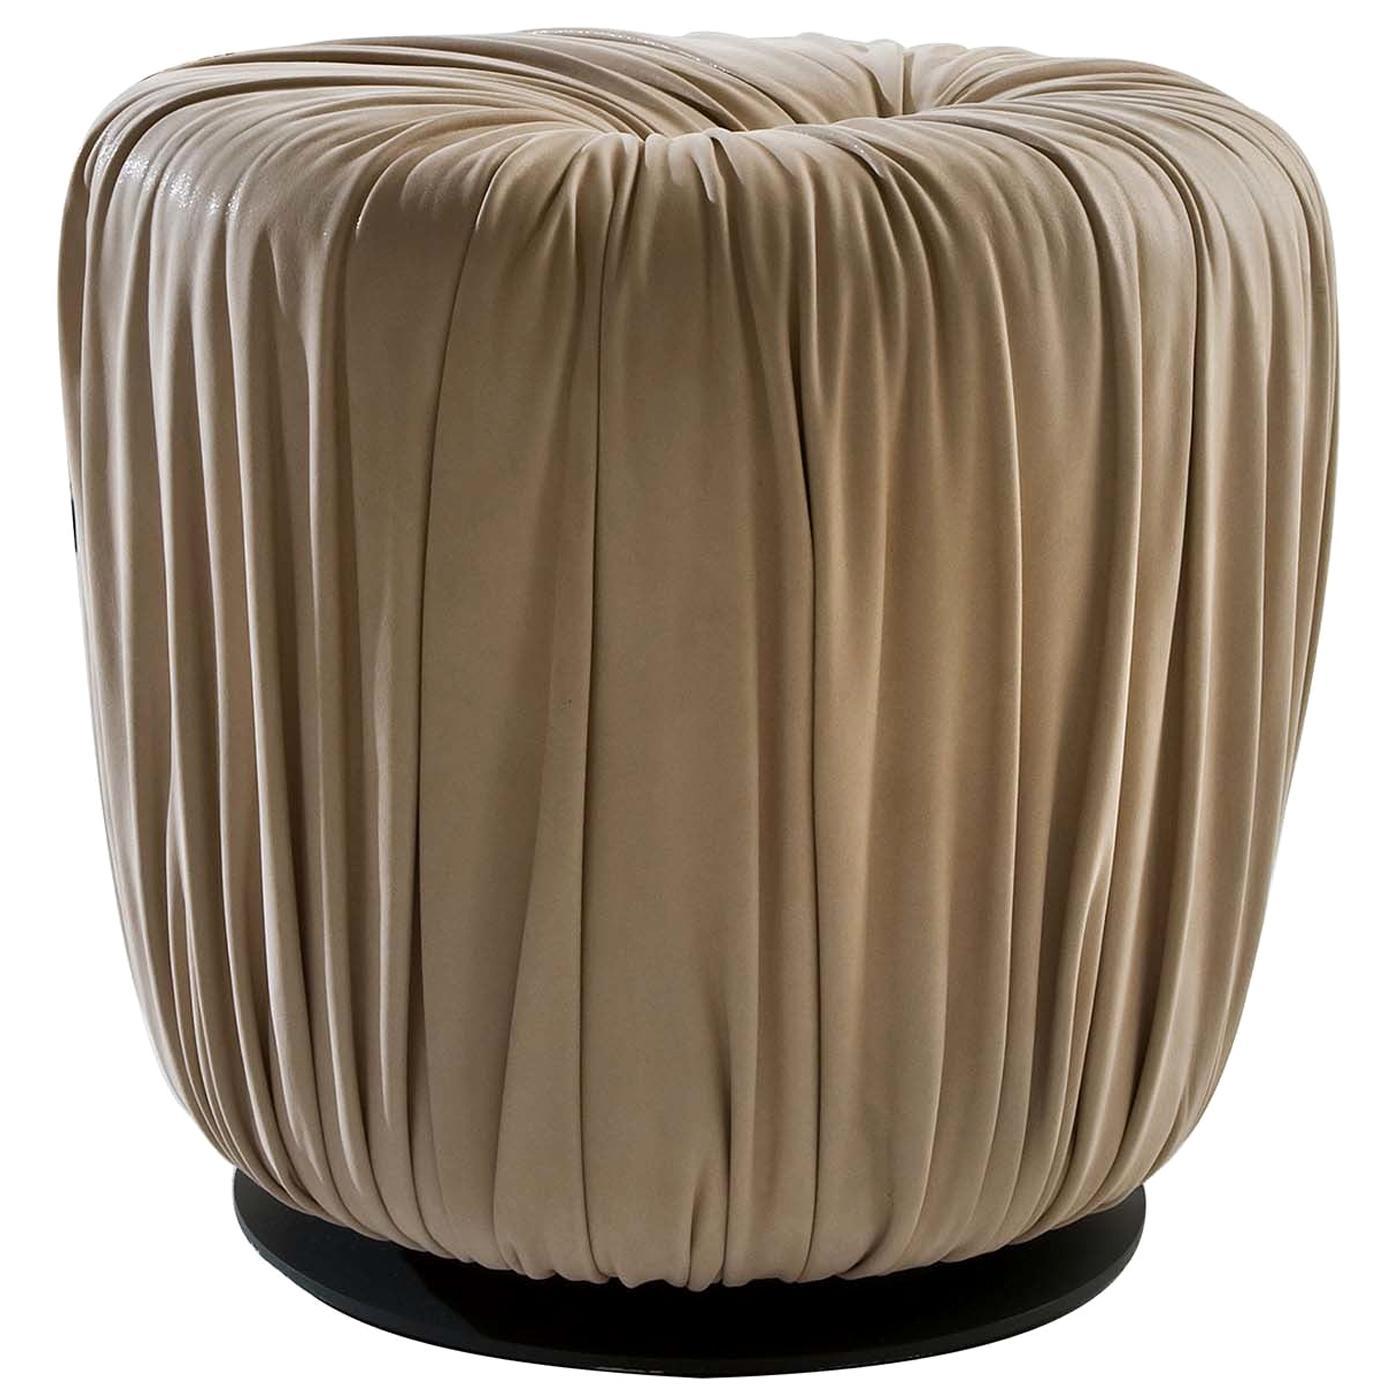 Drapè Pouf by Bartoli Design